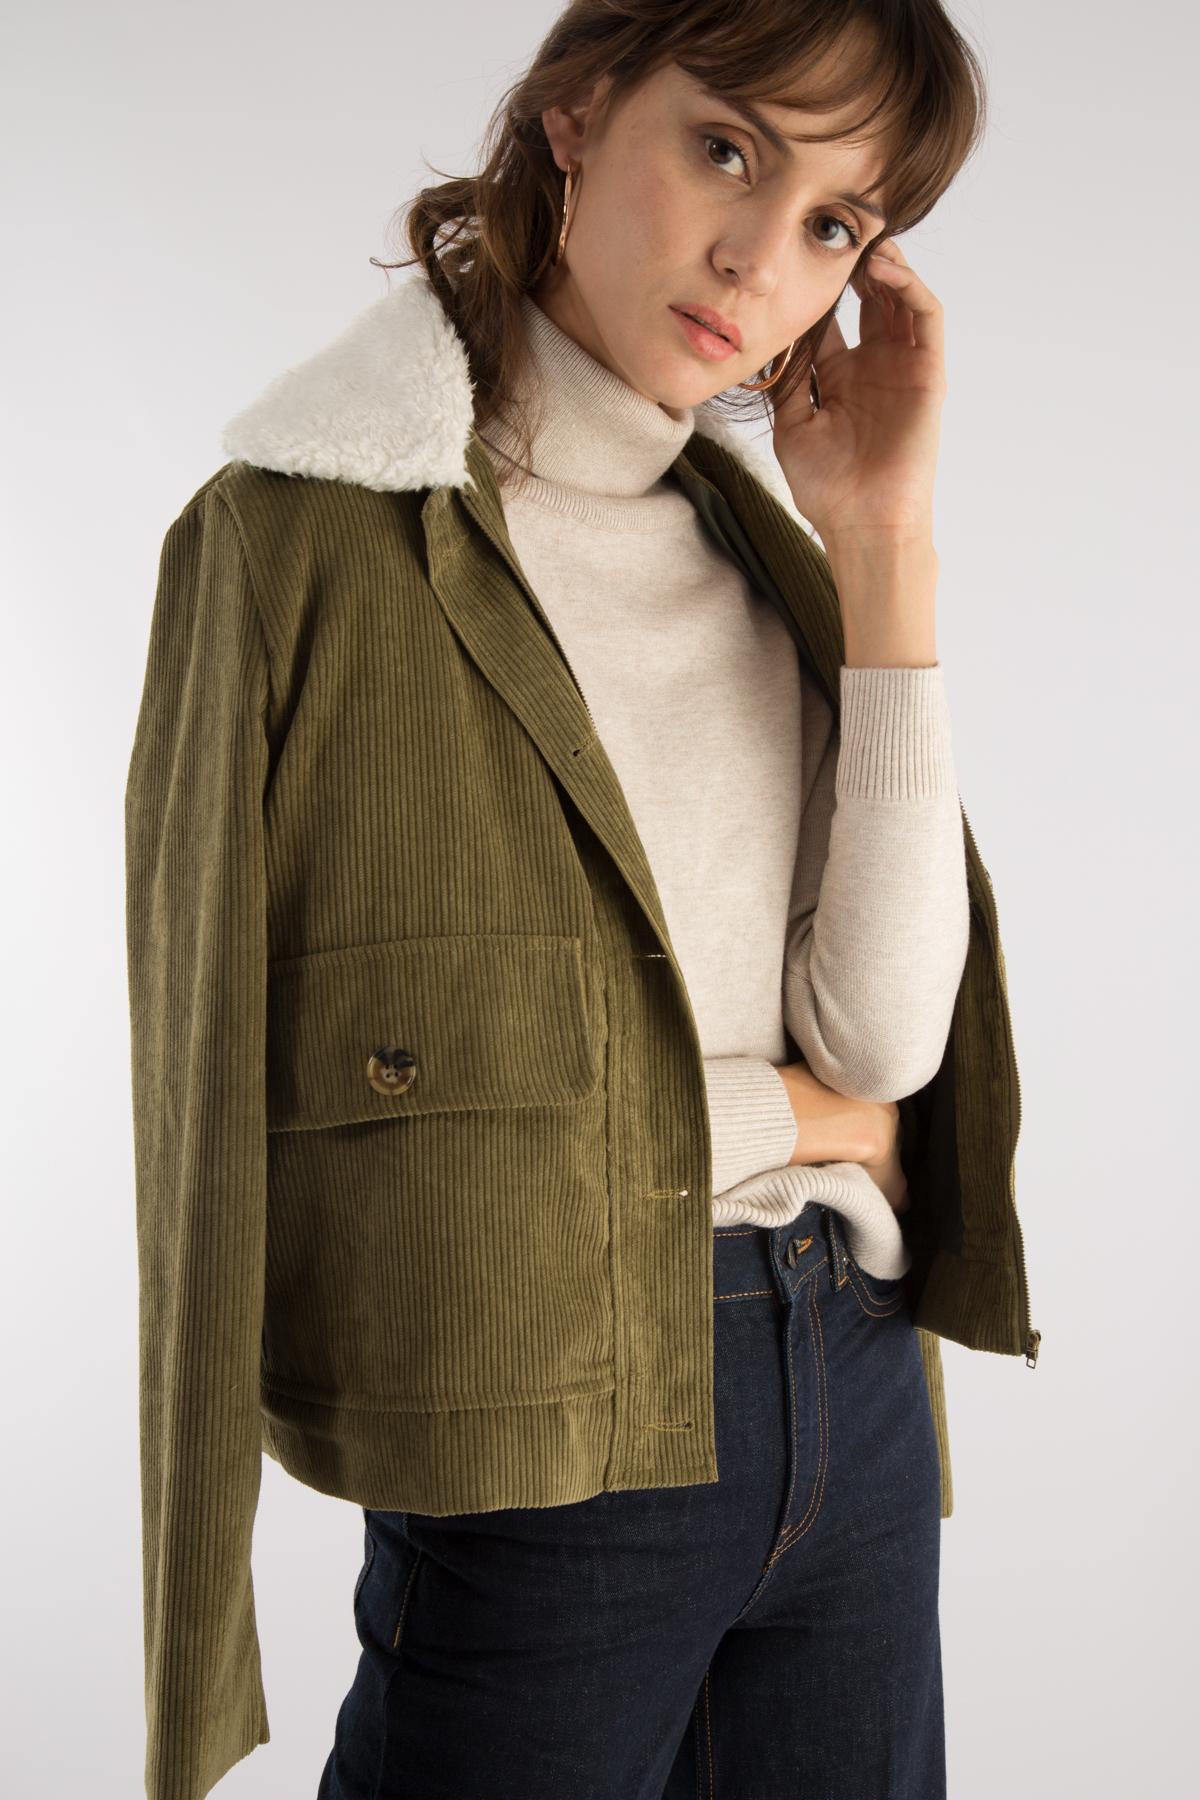 Vestes  Femme Vert Olive JOWELL JC8057 #c eFashion Paris